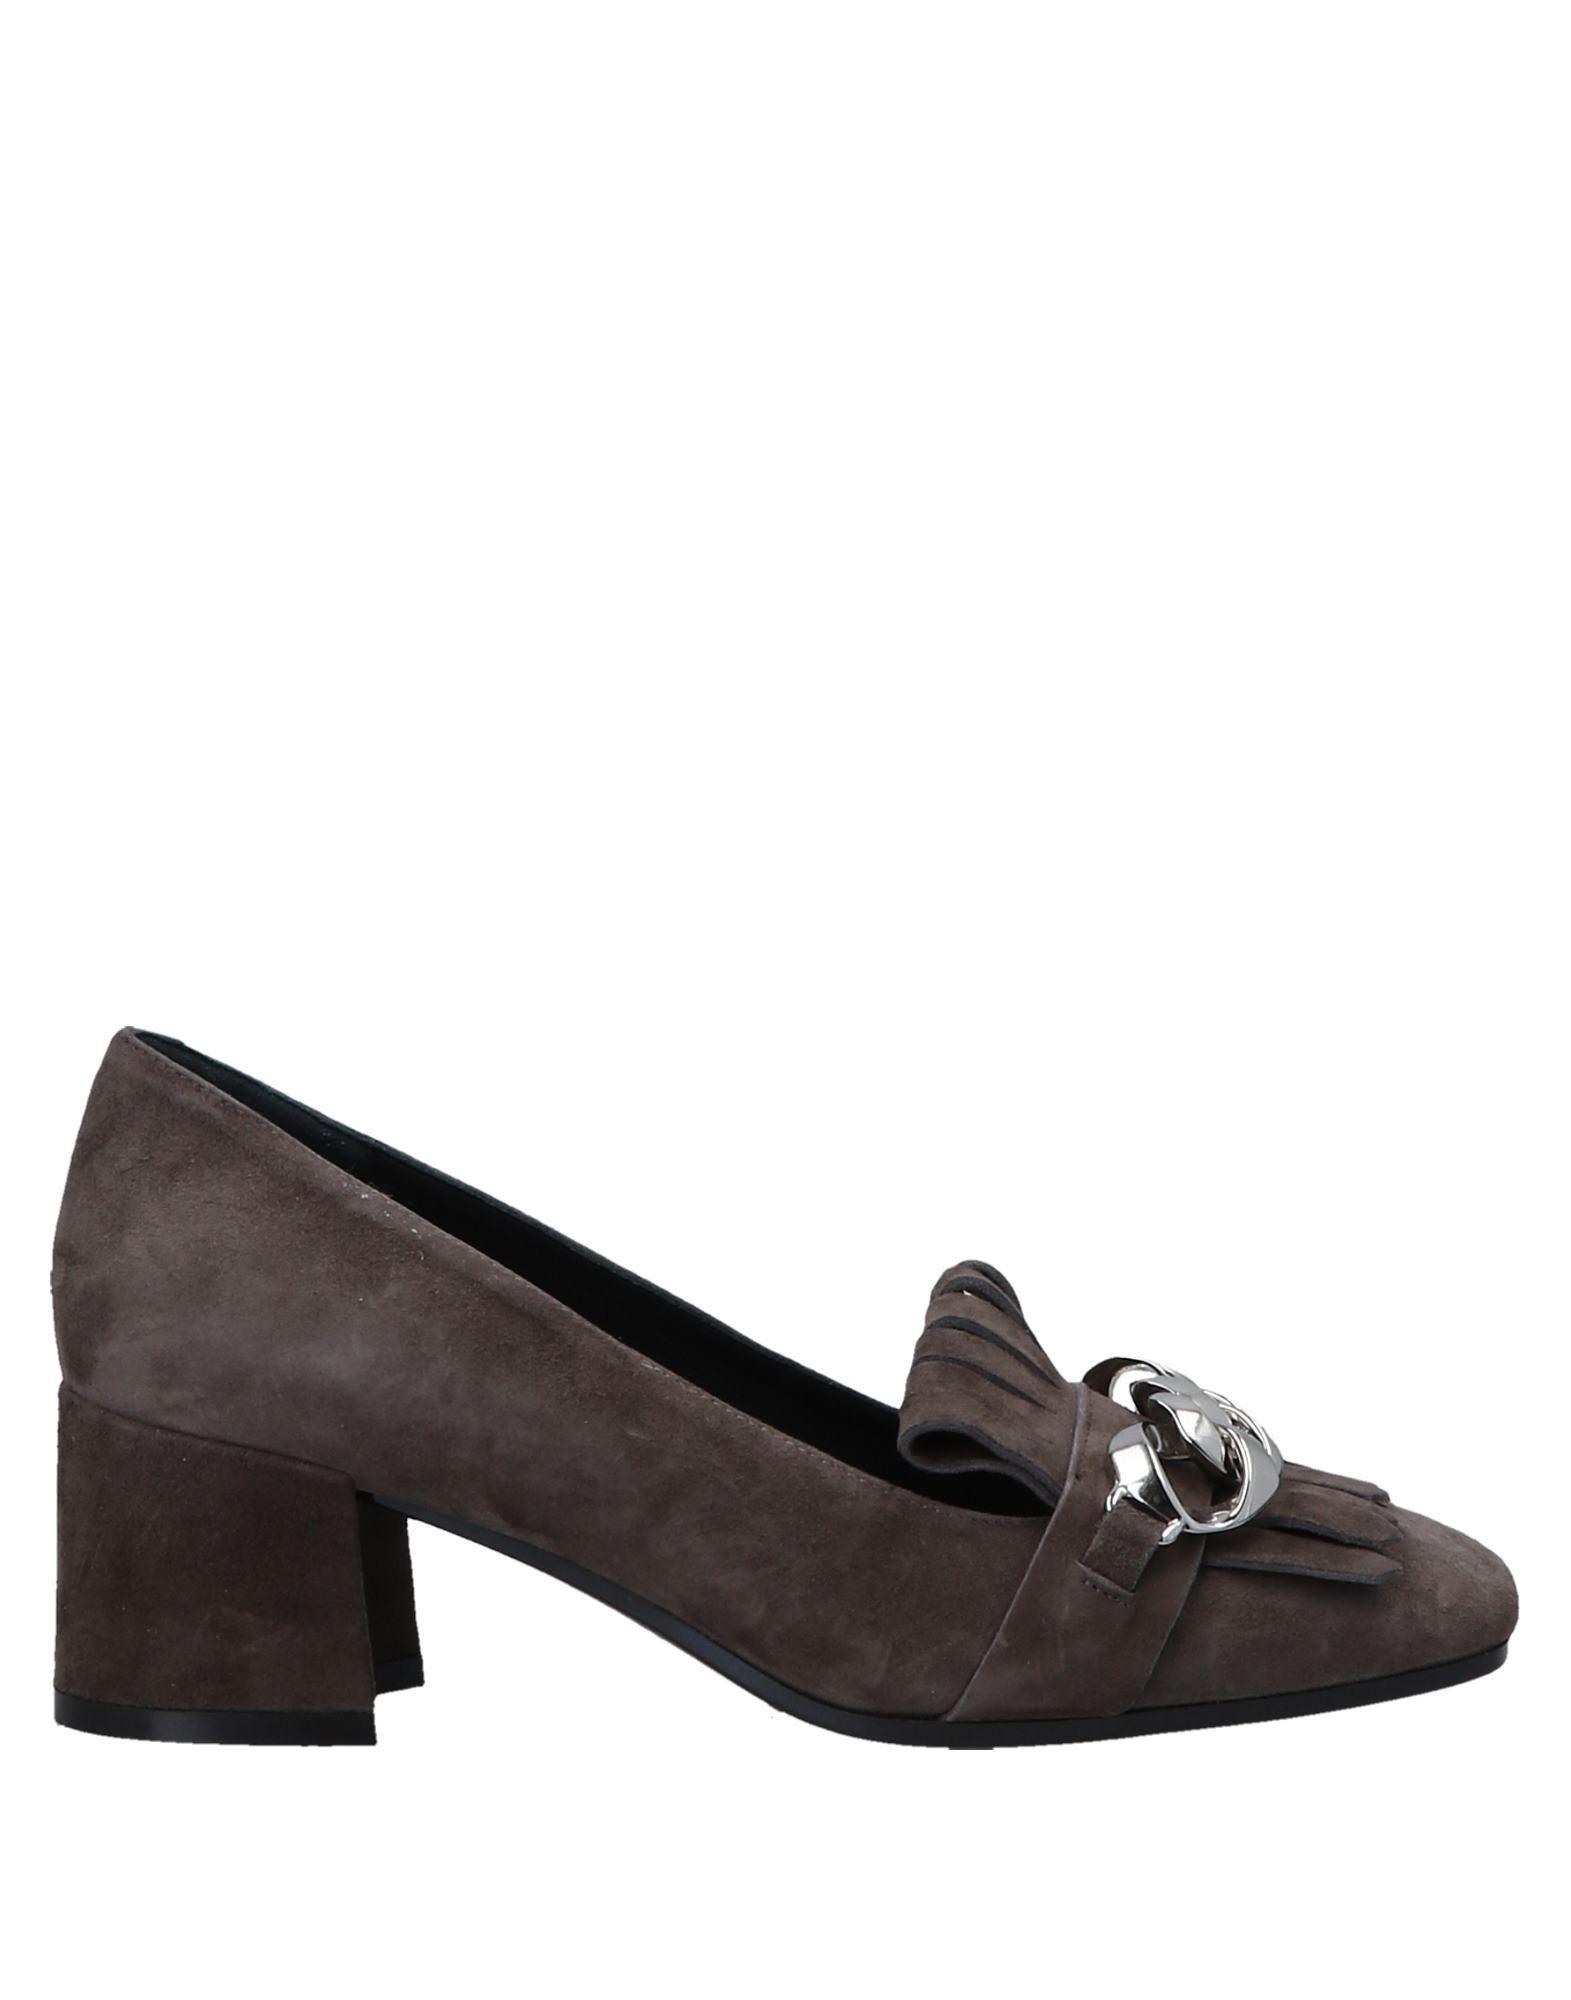 Barracuda's Collection Gute Mokassins Damen  11557210OC Gute Collection Qualität beliebte Schuhe 1a1444